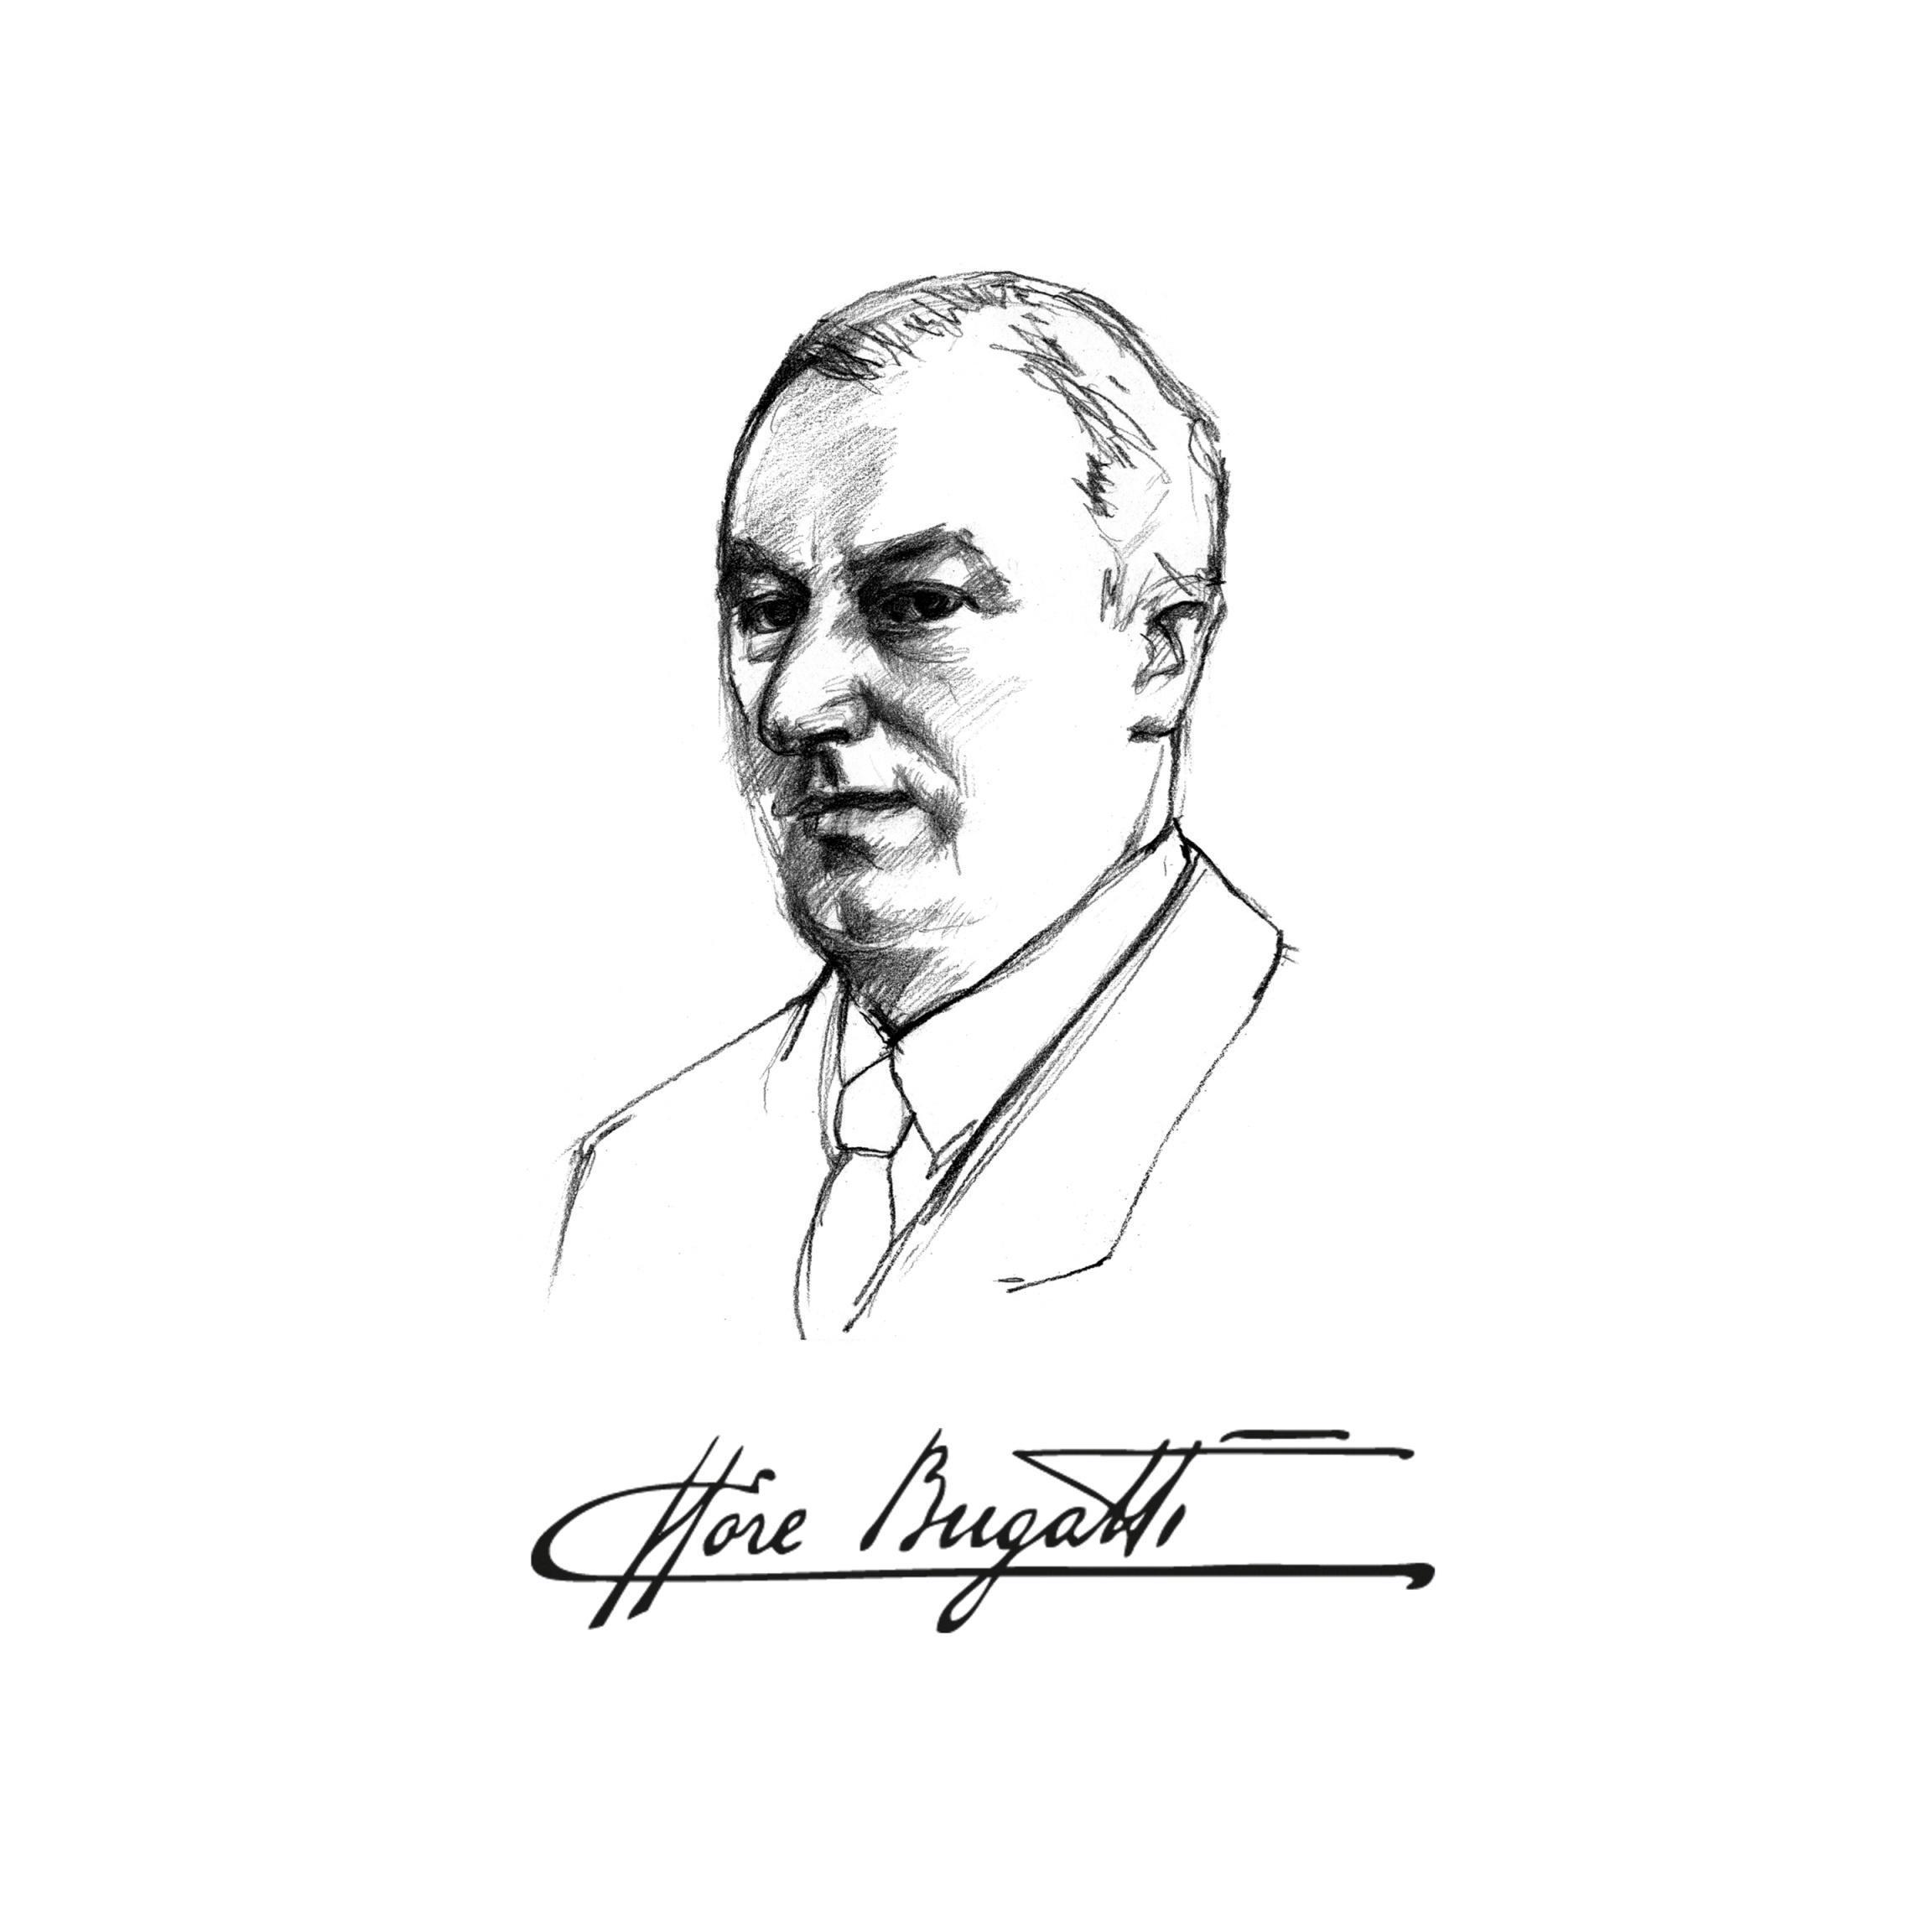 014 Ettore Bugatti Design Sketch